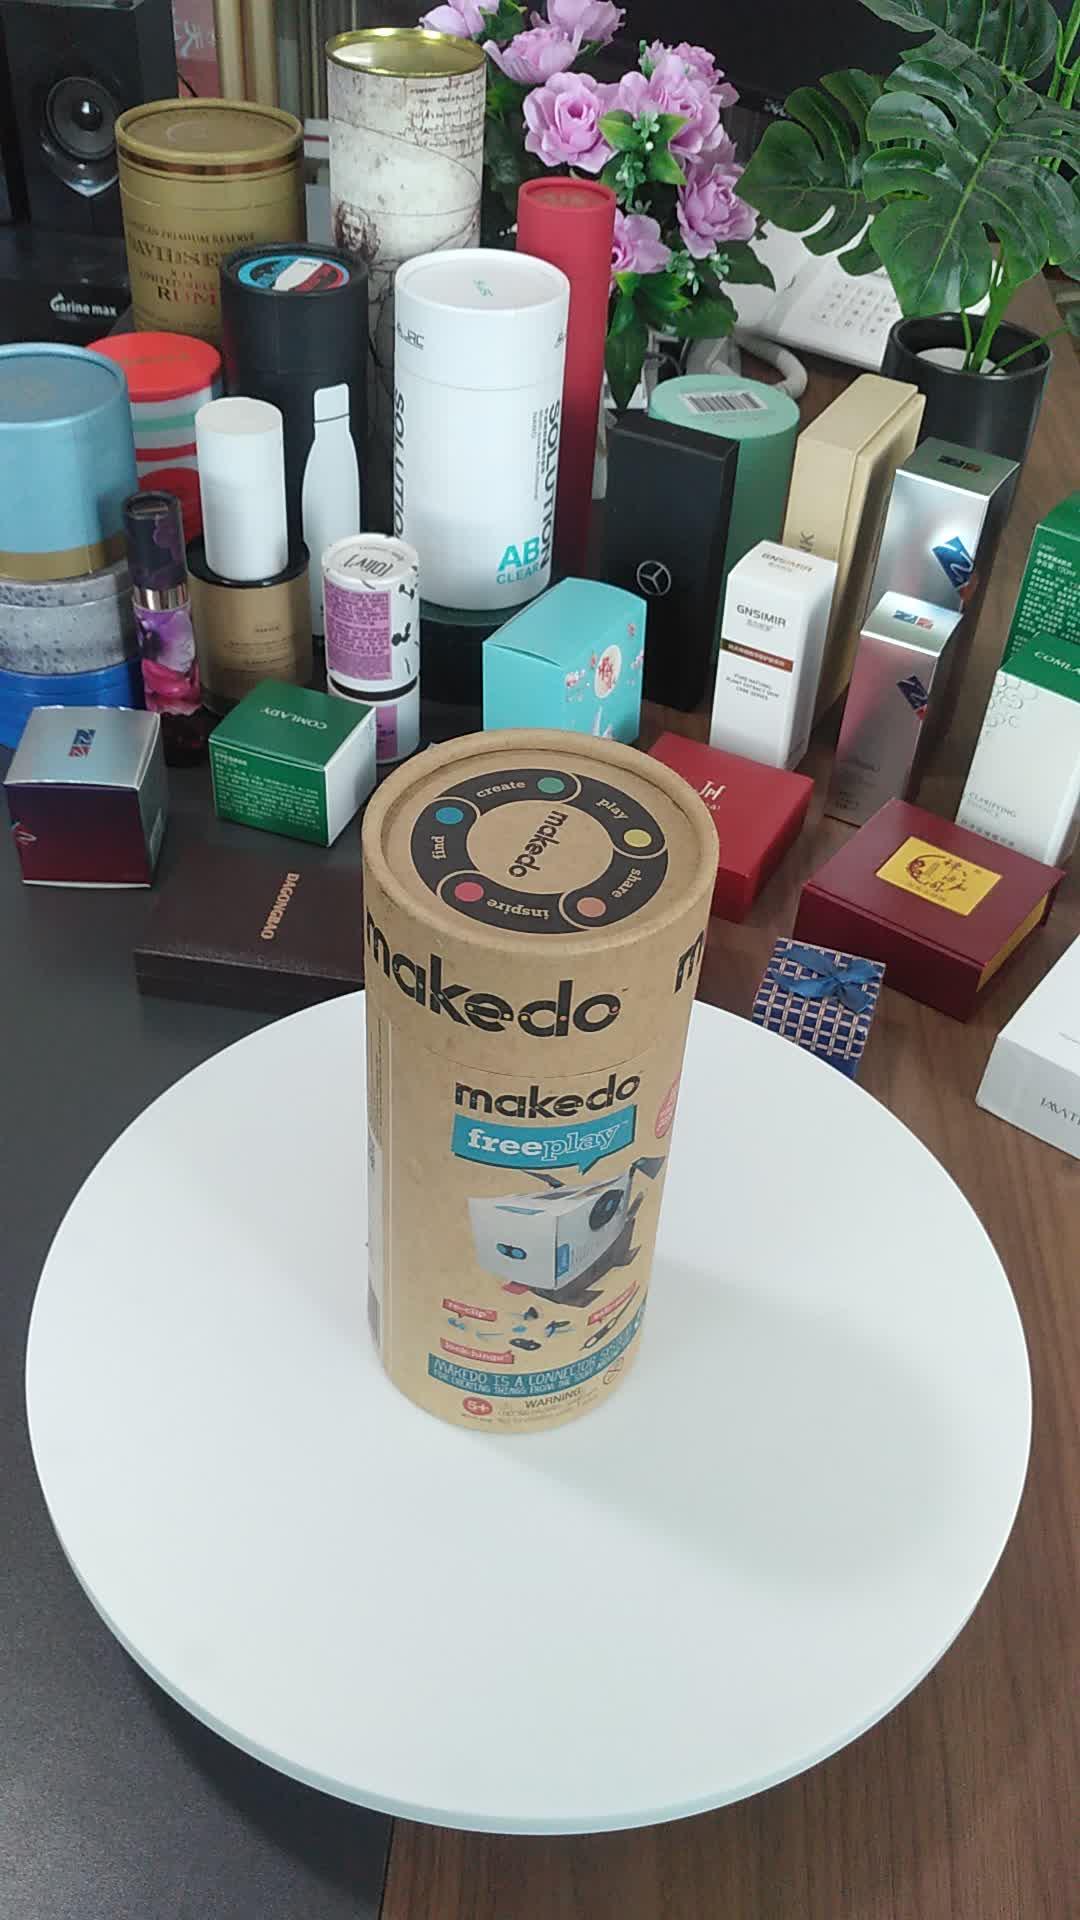 कस्टम डिजाइन मुद्रण के लिए आसान पर्यावरण के अनुकूल गत्ता दौर सिलेंडर पैकेजिंग उपहार बॉक्स चाय पैकेजिंग